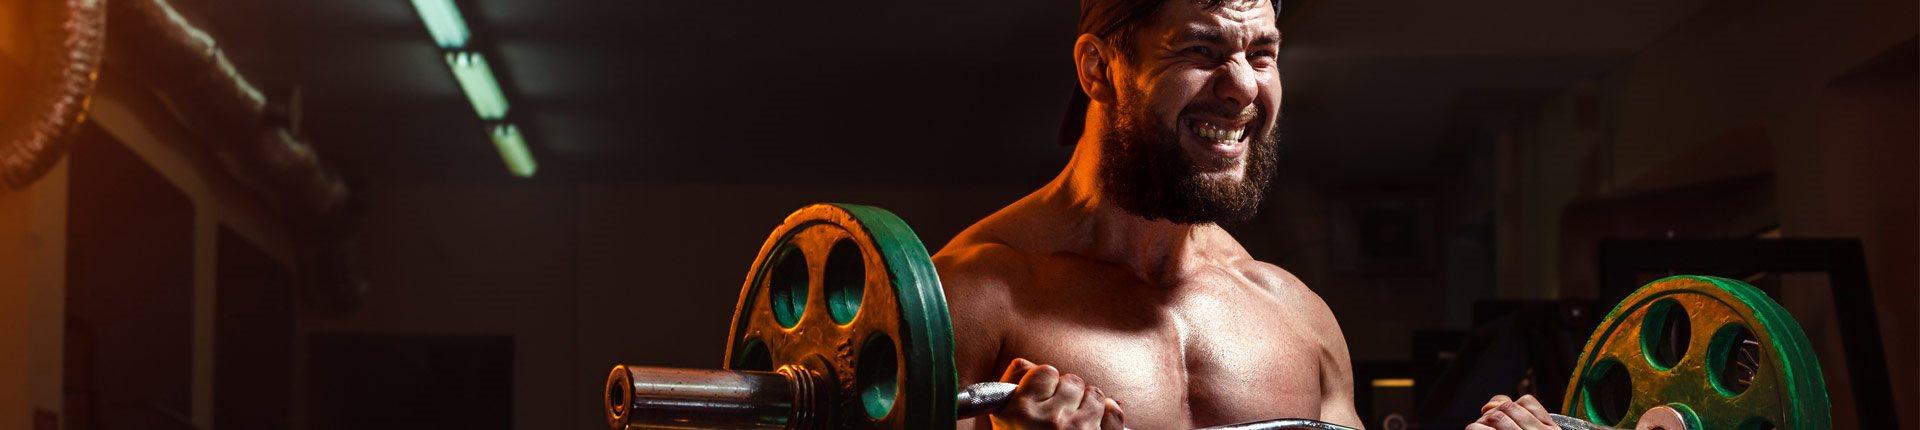 Jak chronić mięśnie przy długotrwałym wysiłku? Jak zachować siły w trakcie wysiłku?